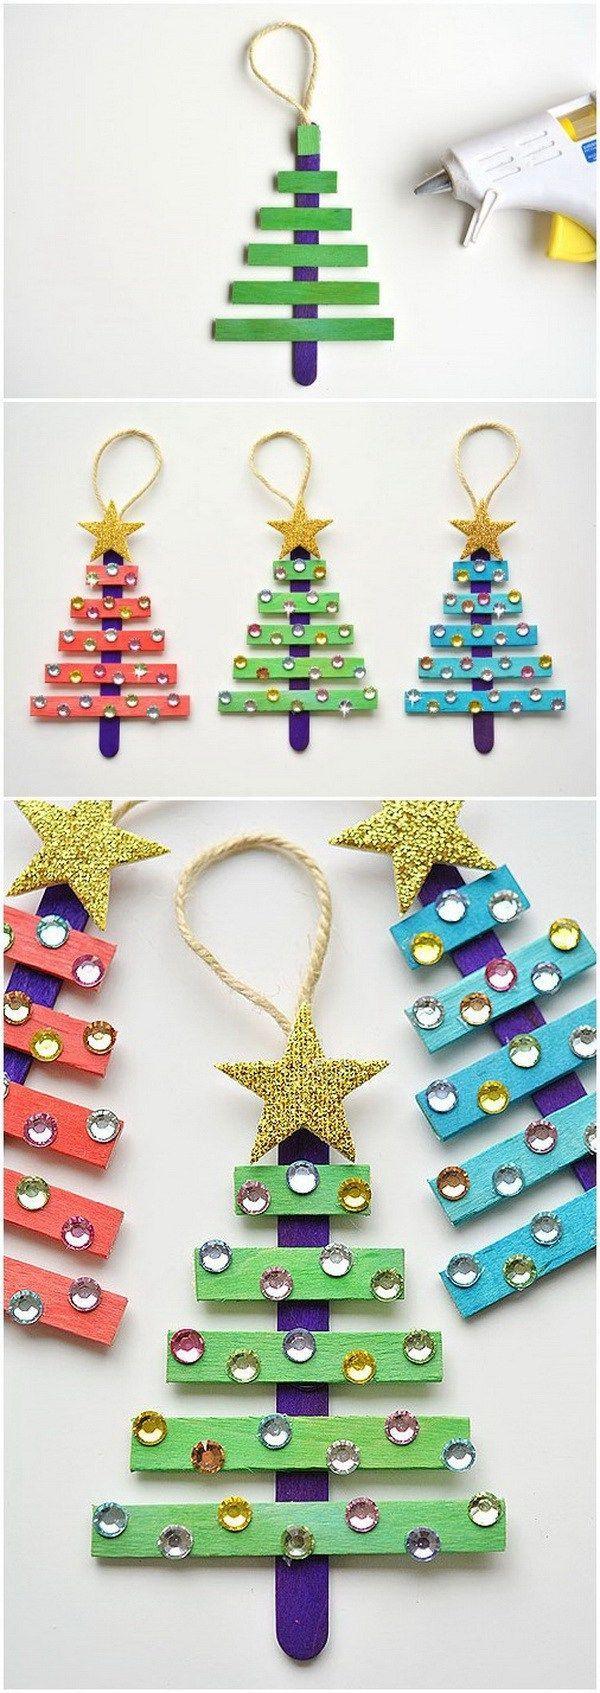 Funkelnde Popsicle-Stock-Weihnachtsbäume. Holen Sie sich ein paar Packungen mit farbigen